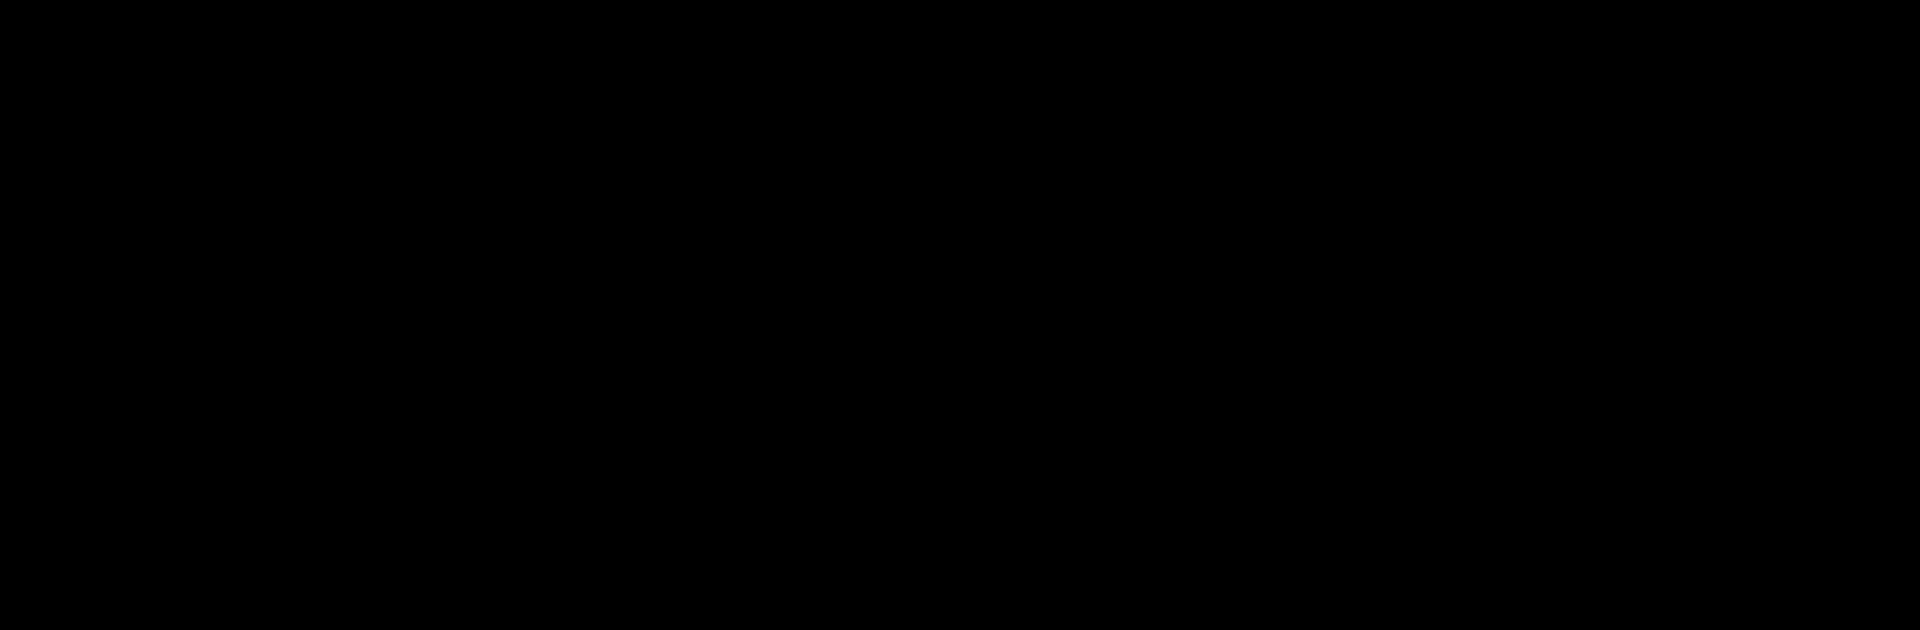 Hintergrund mit schwarzem Banner